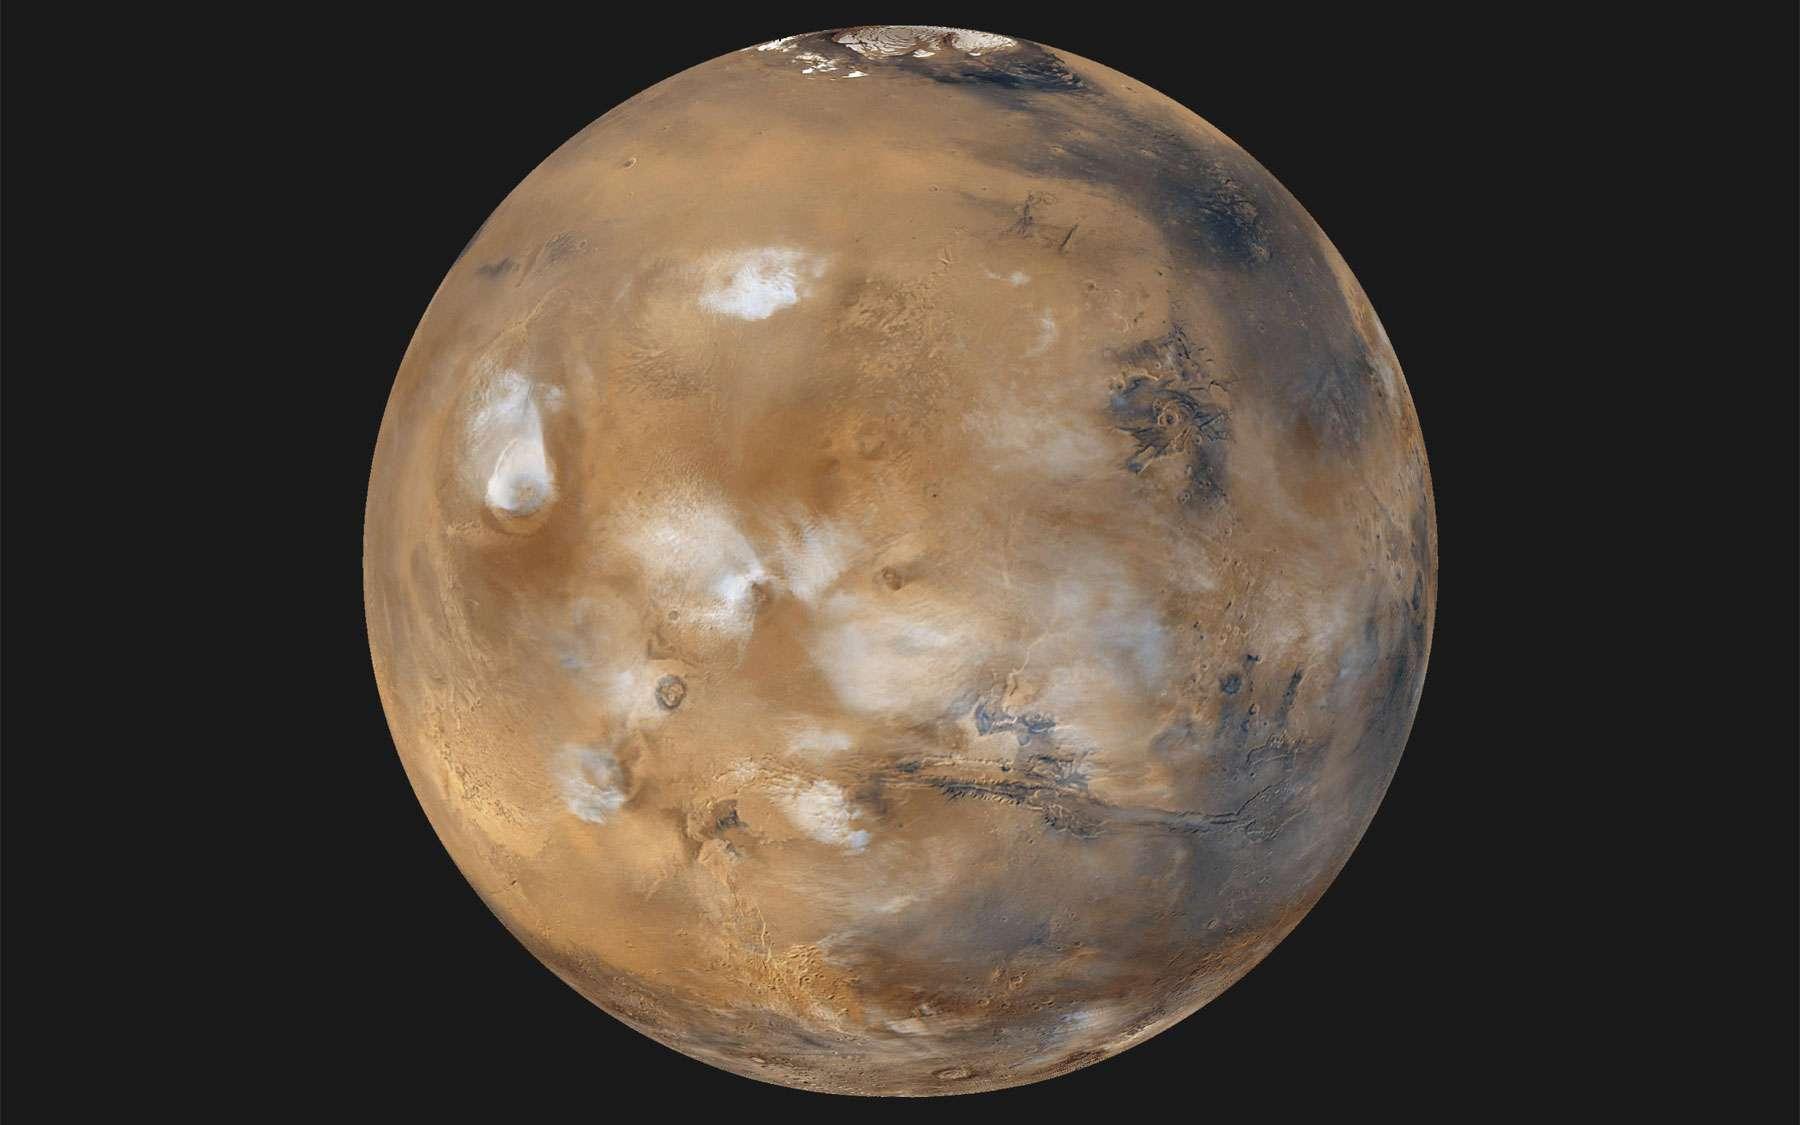 Après les États-Unis, la Russie, l'Europe, l'Inde et en attendant la Chine, les Émirats arabes unis veulent tourner autour de Mars en y envoyant la mission Hope en 2021. © Nasa, JPL